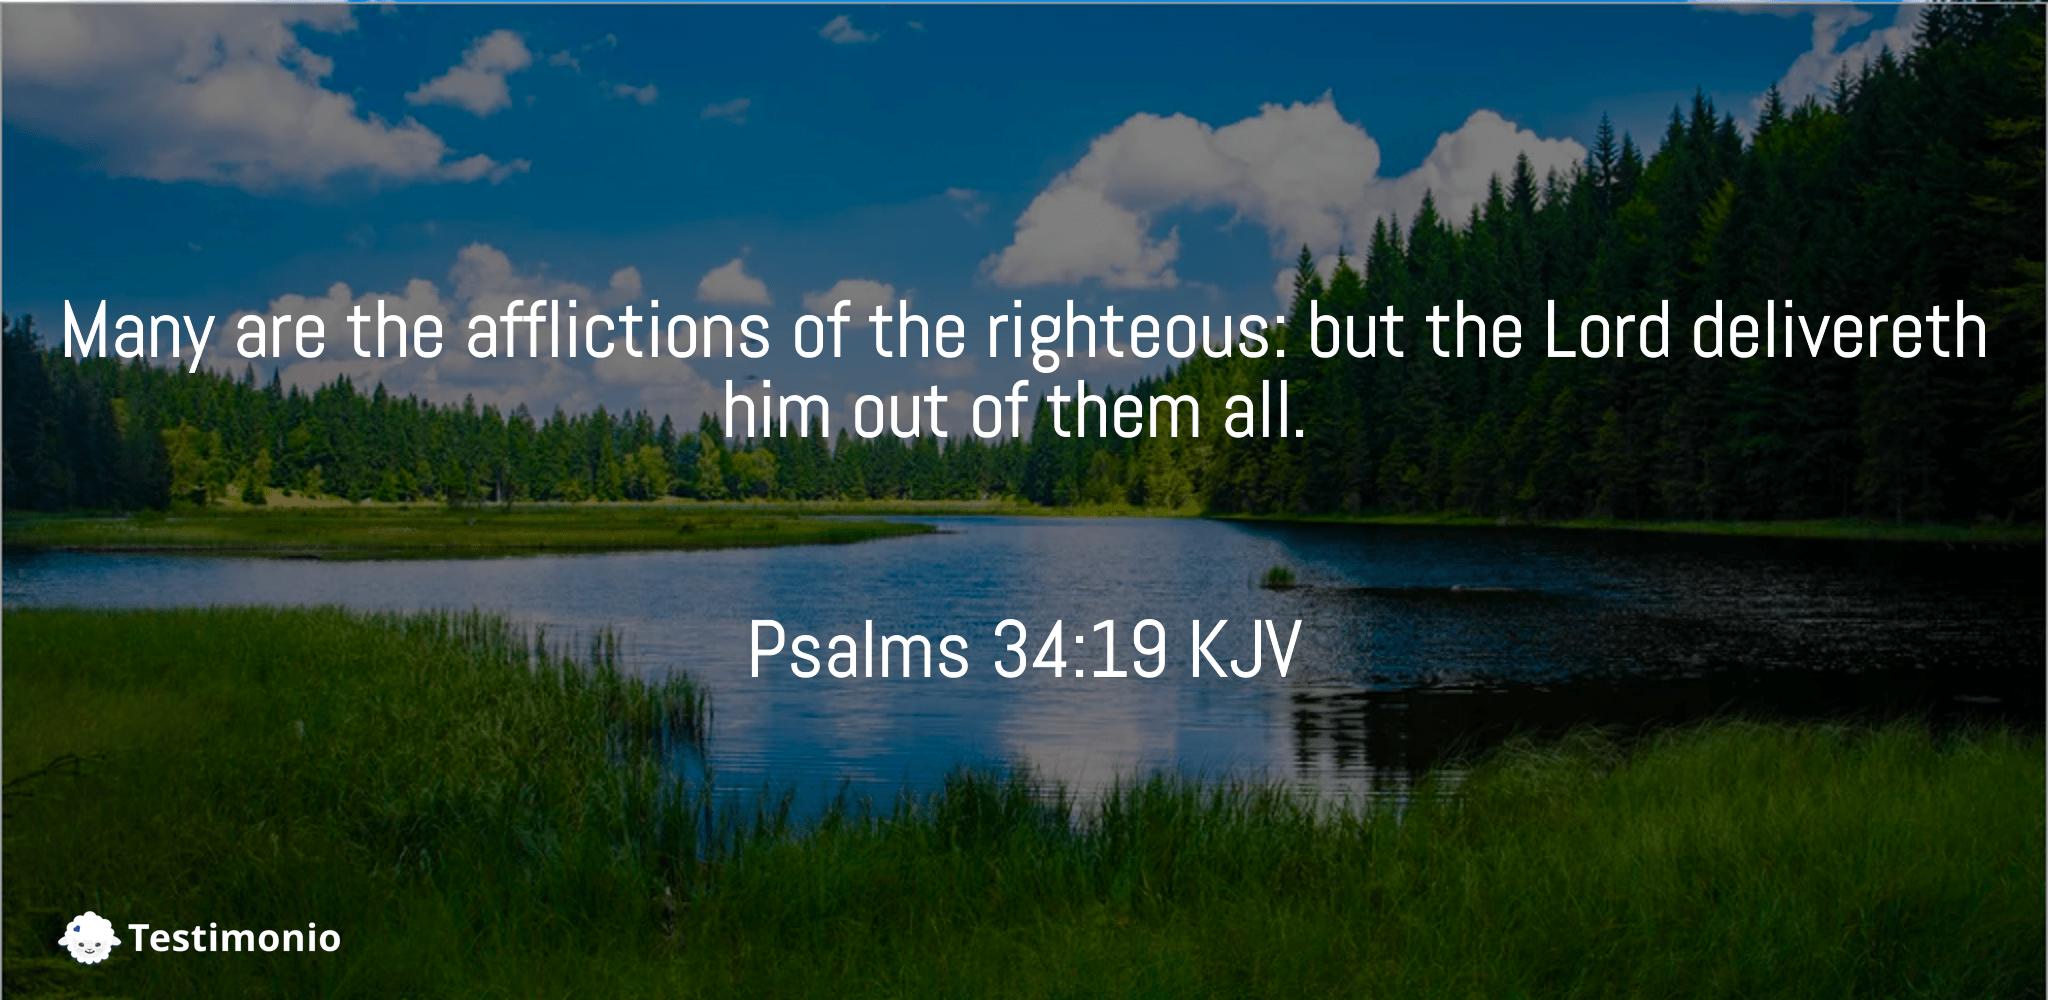 Psalms 34:19